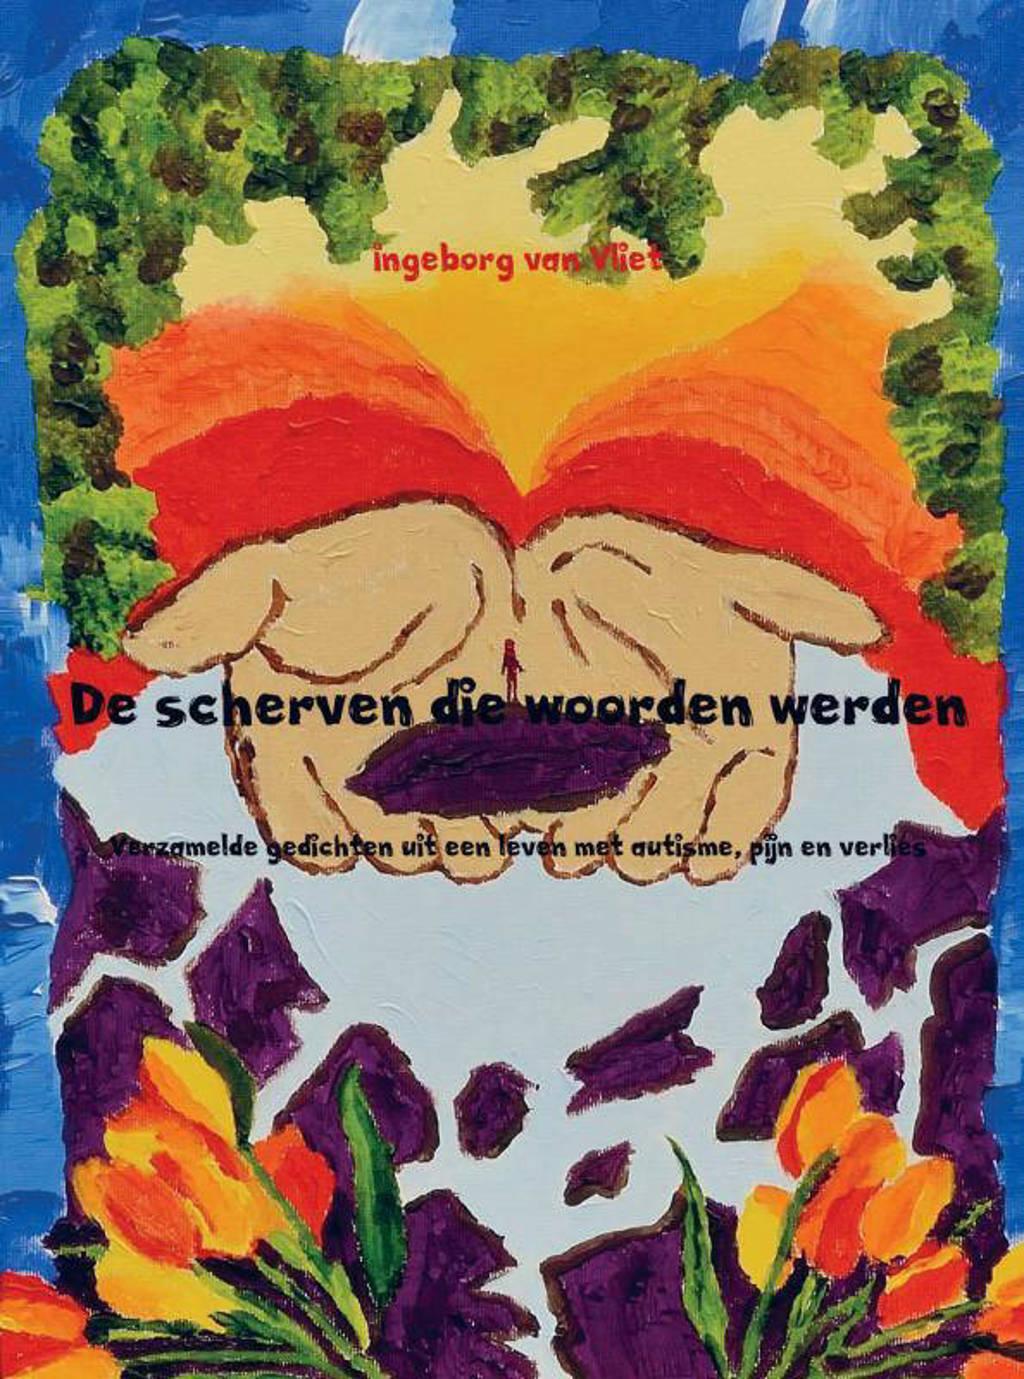 De scherven die woorden werden - Ingeborg van Vliet